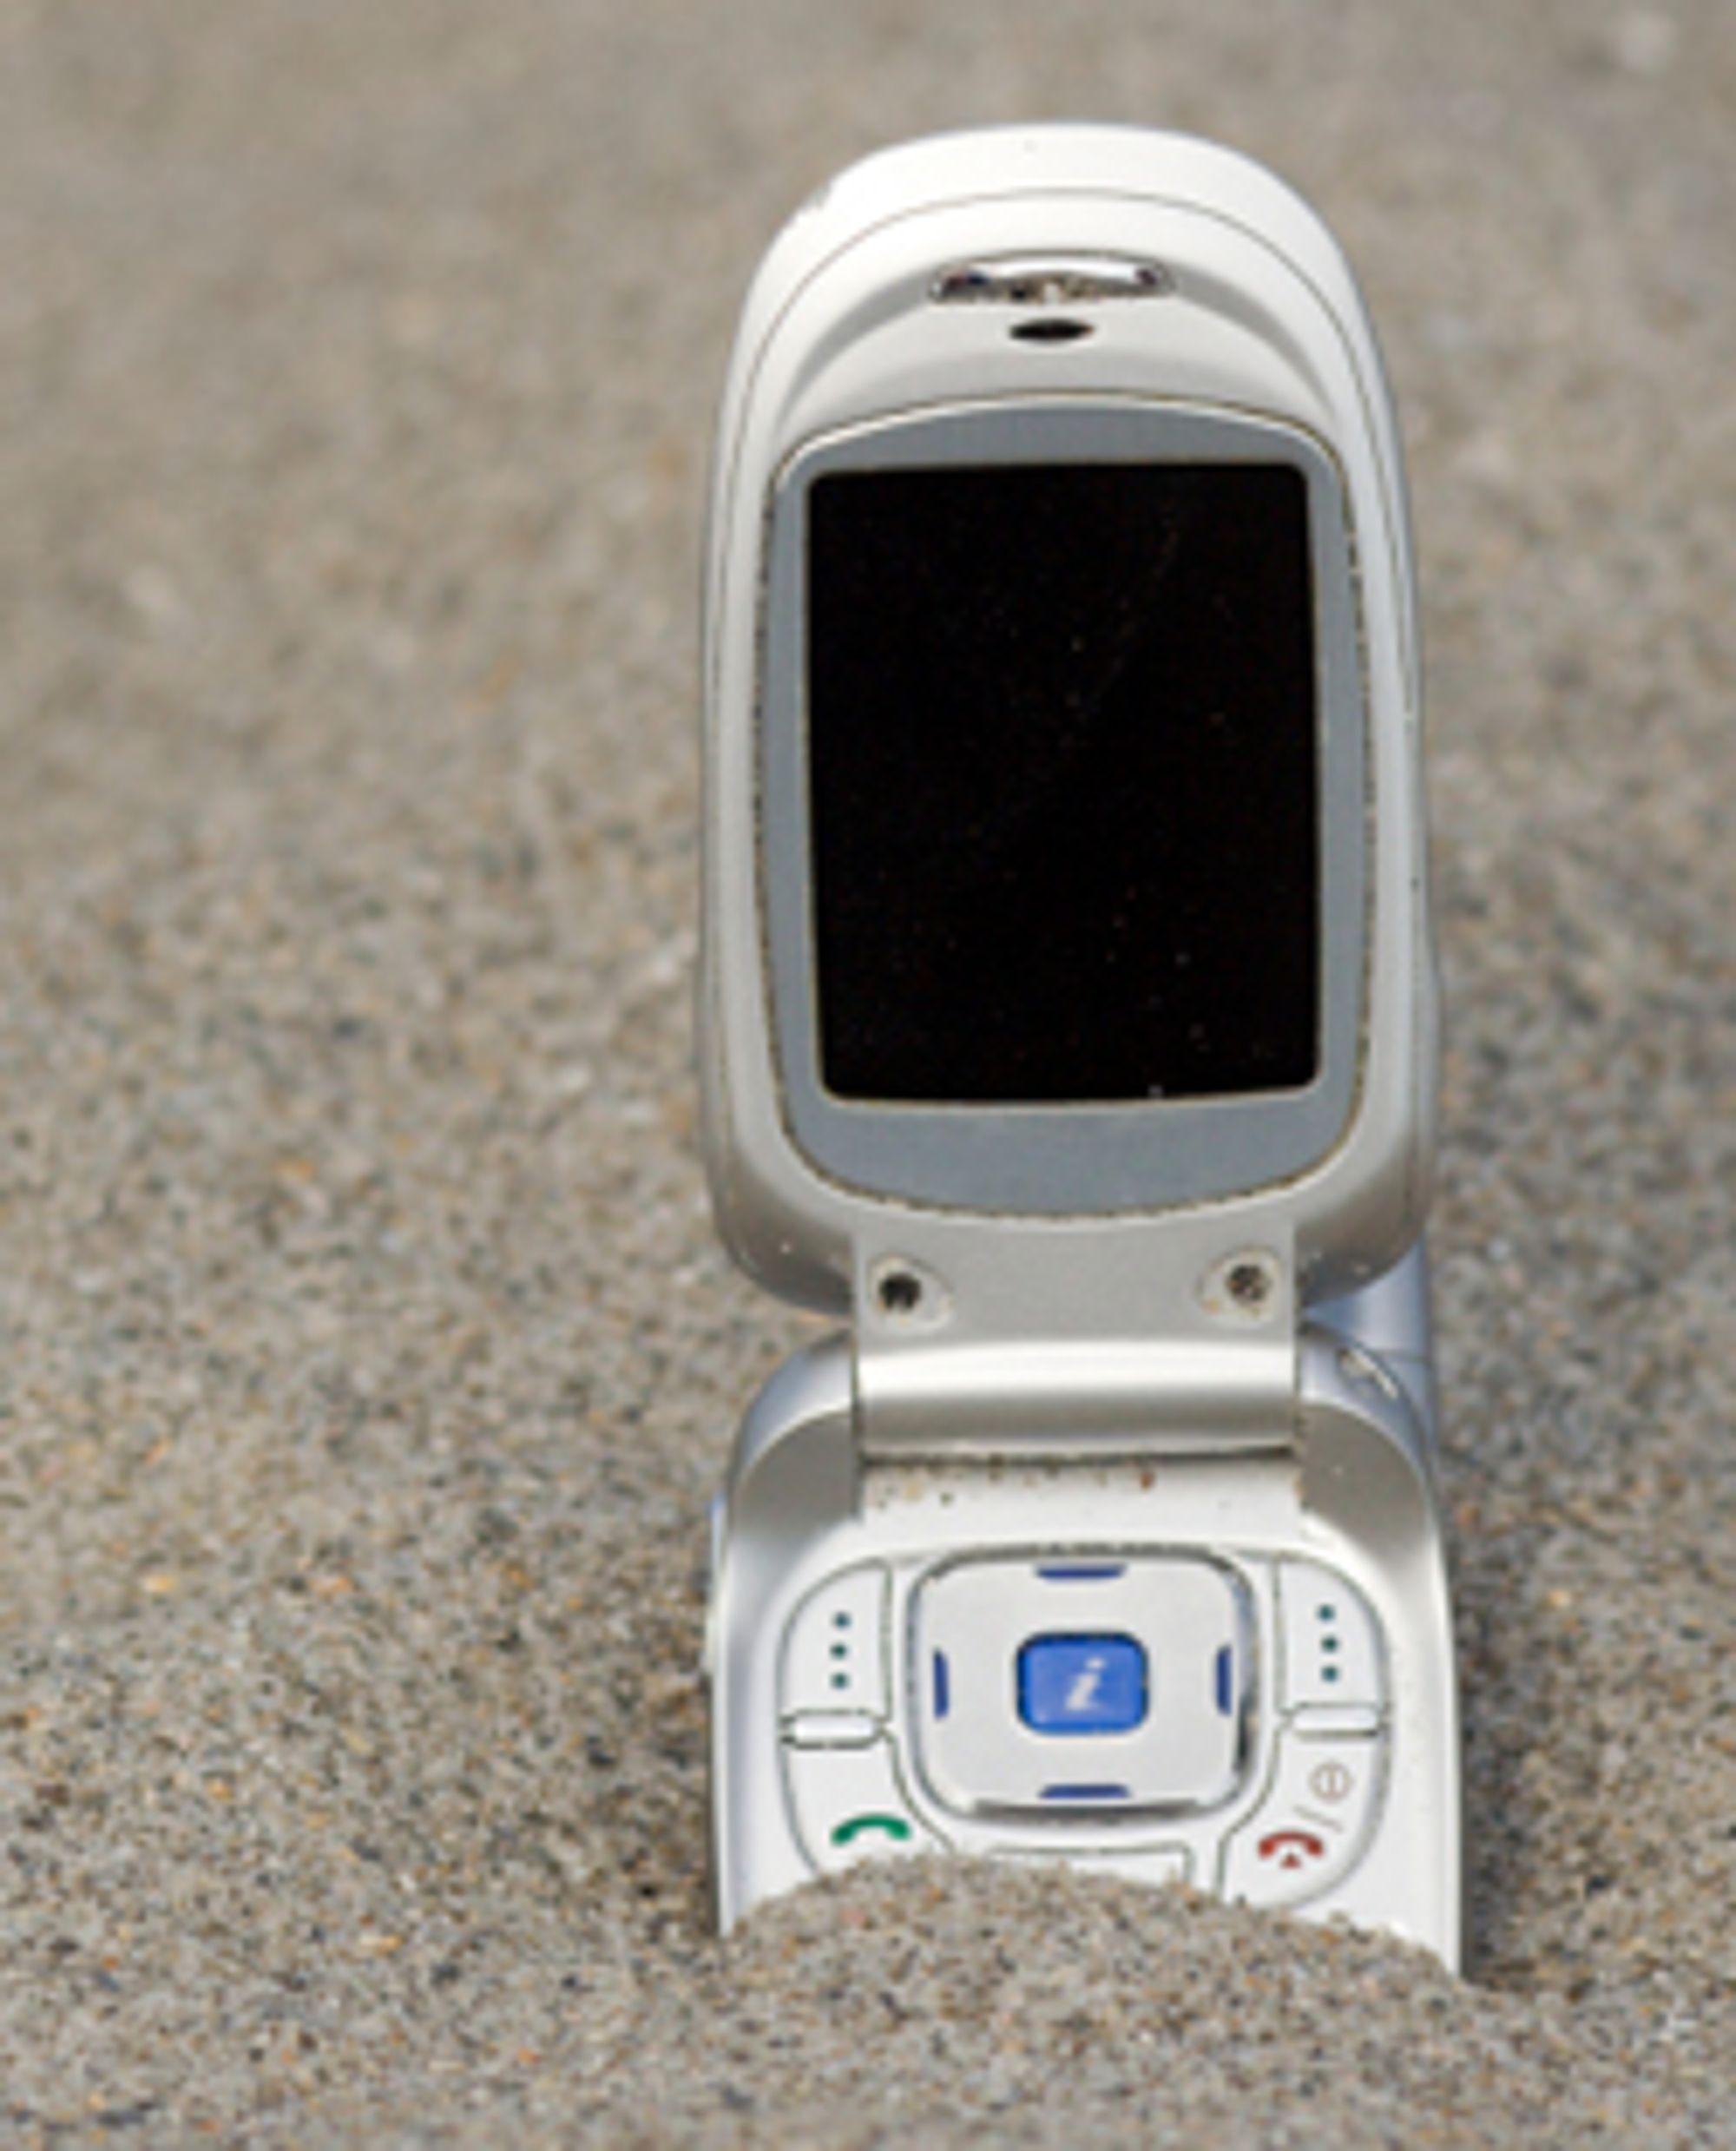 Ikke utsett mobilen for store mengder støv.